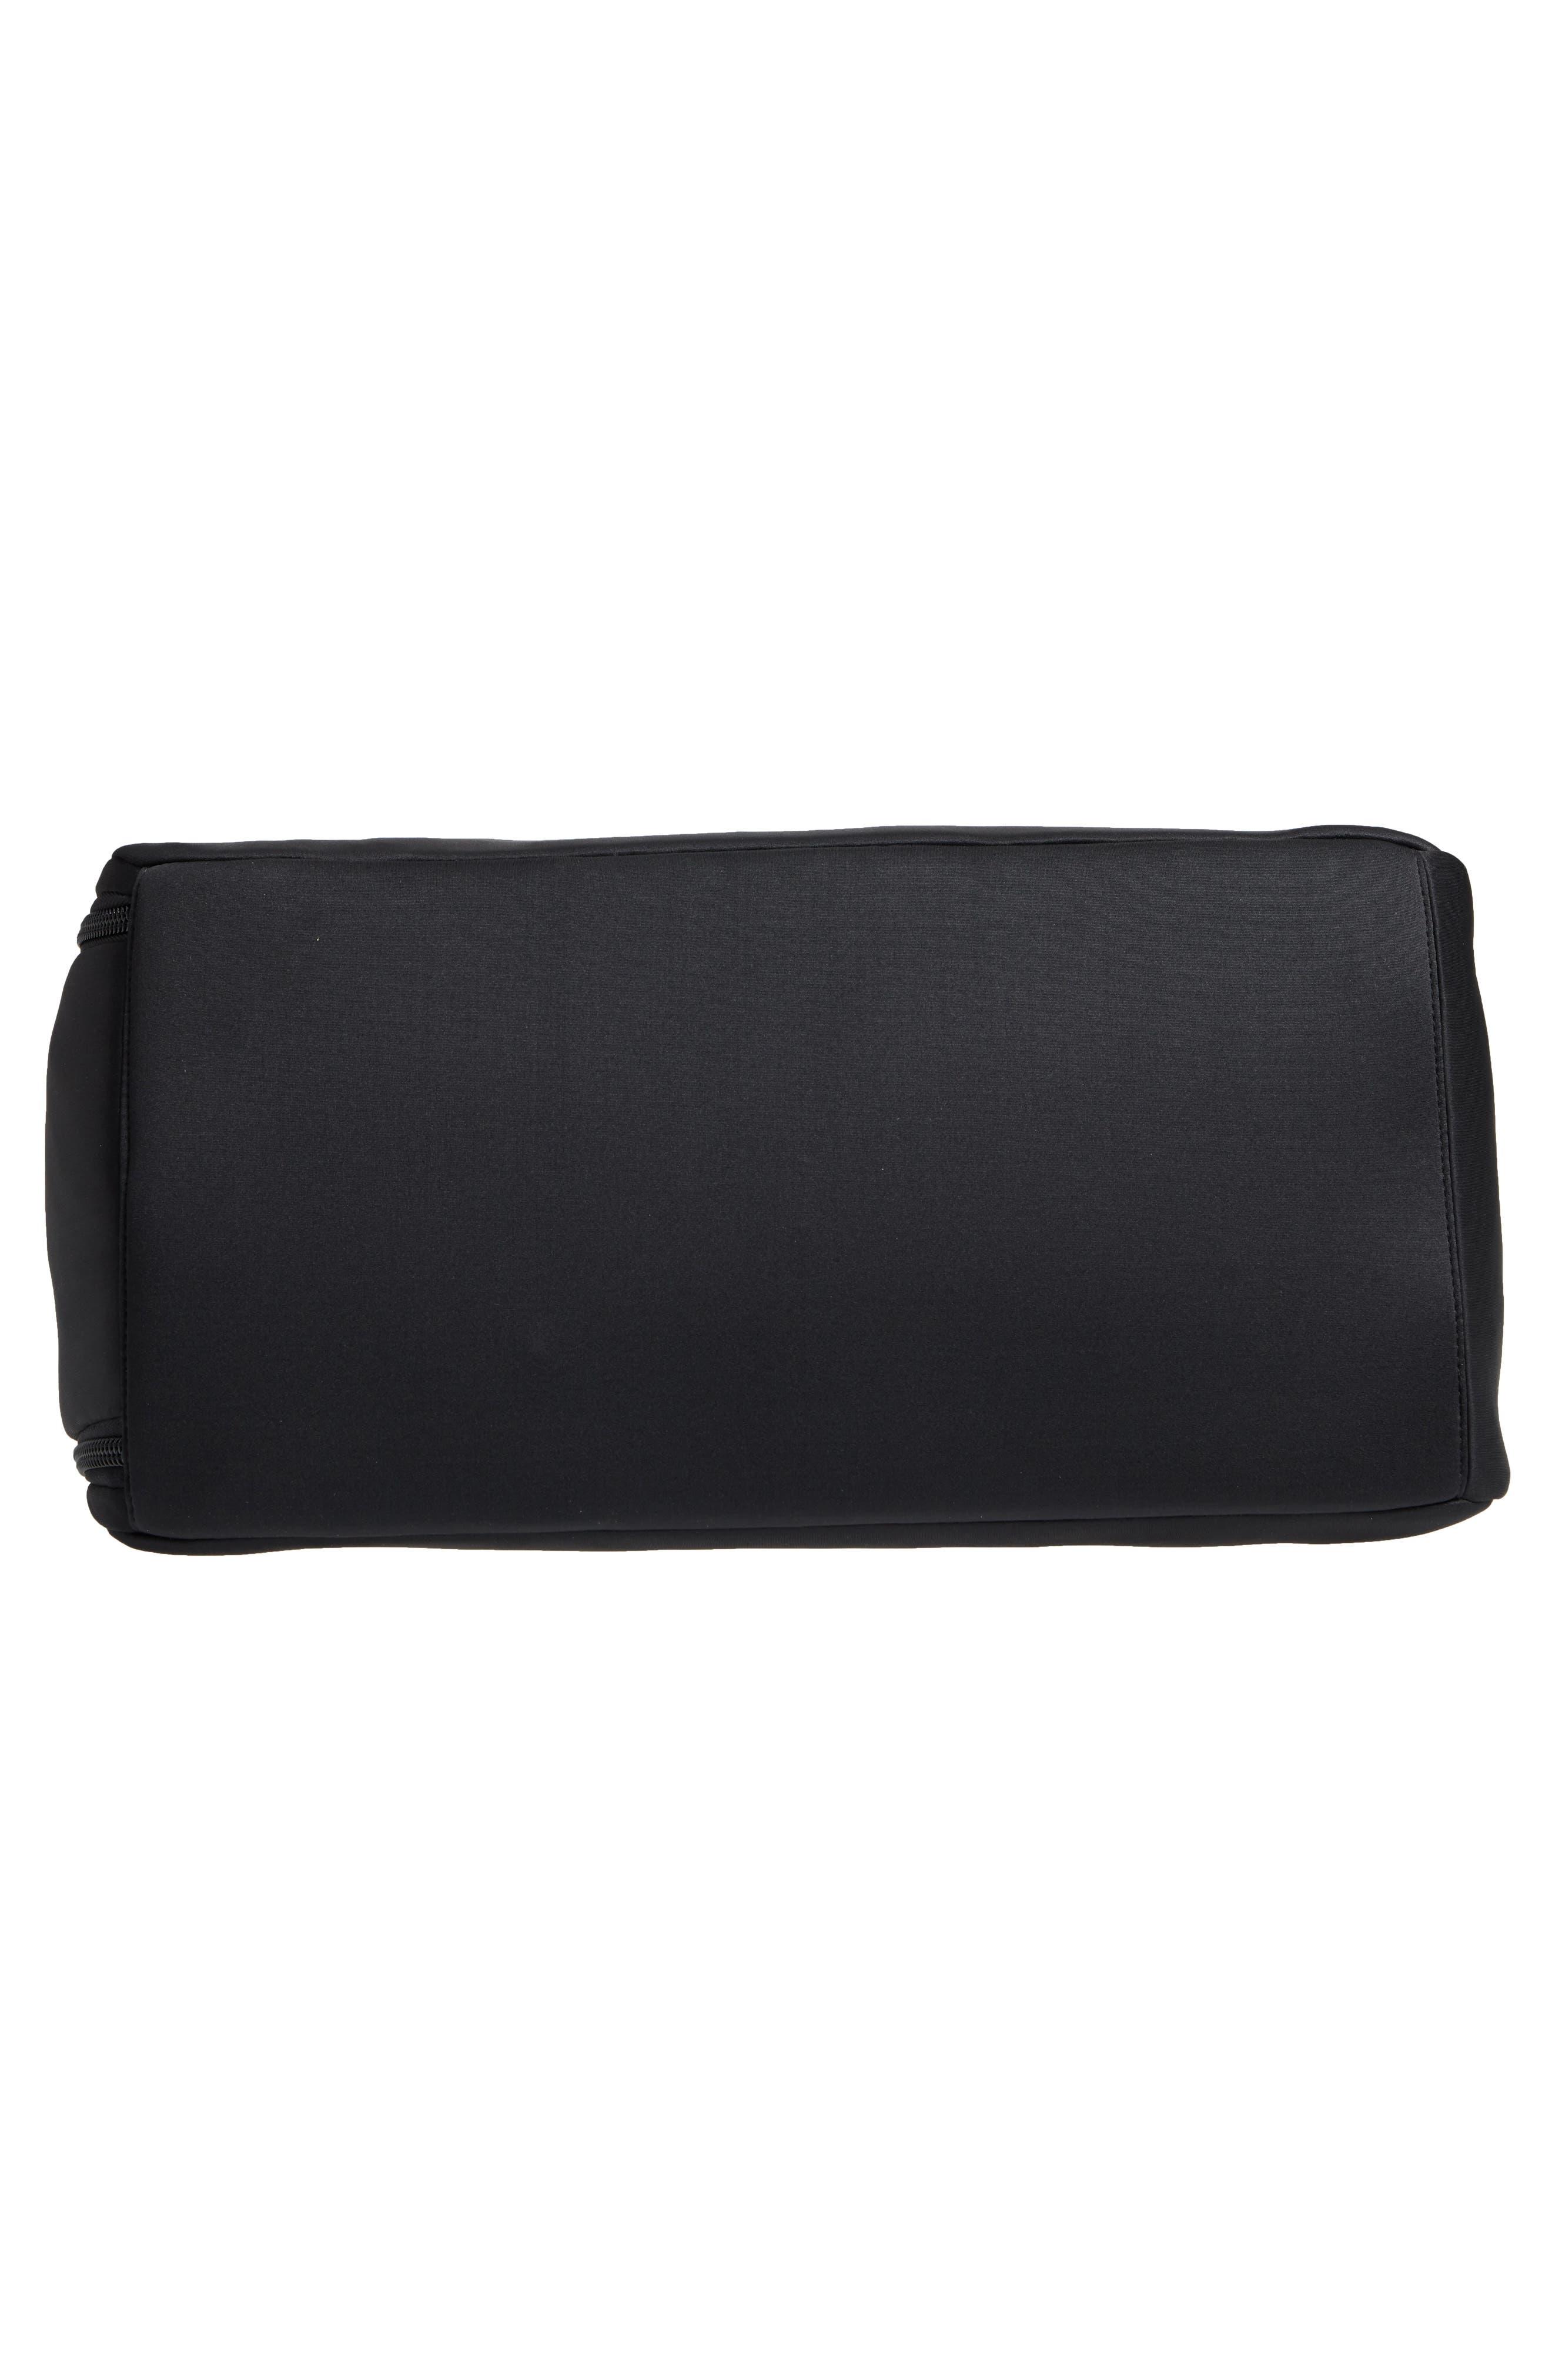 Franklin Neoprene Duffel Bag,                             Alternate thumbnail 6, color,                             Black